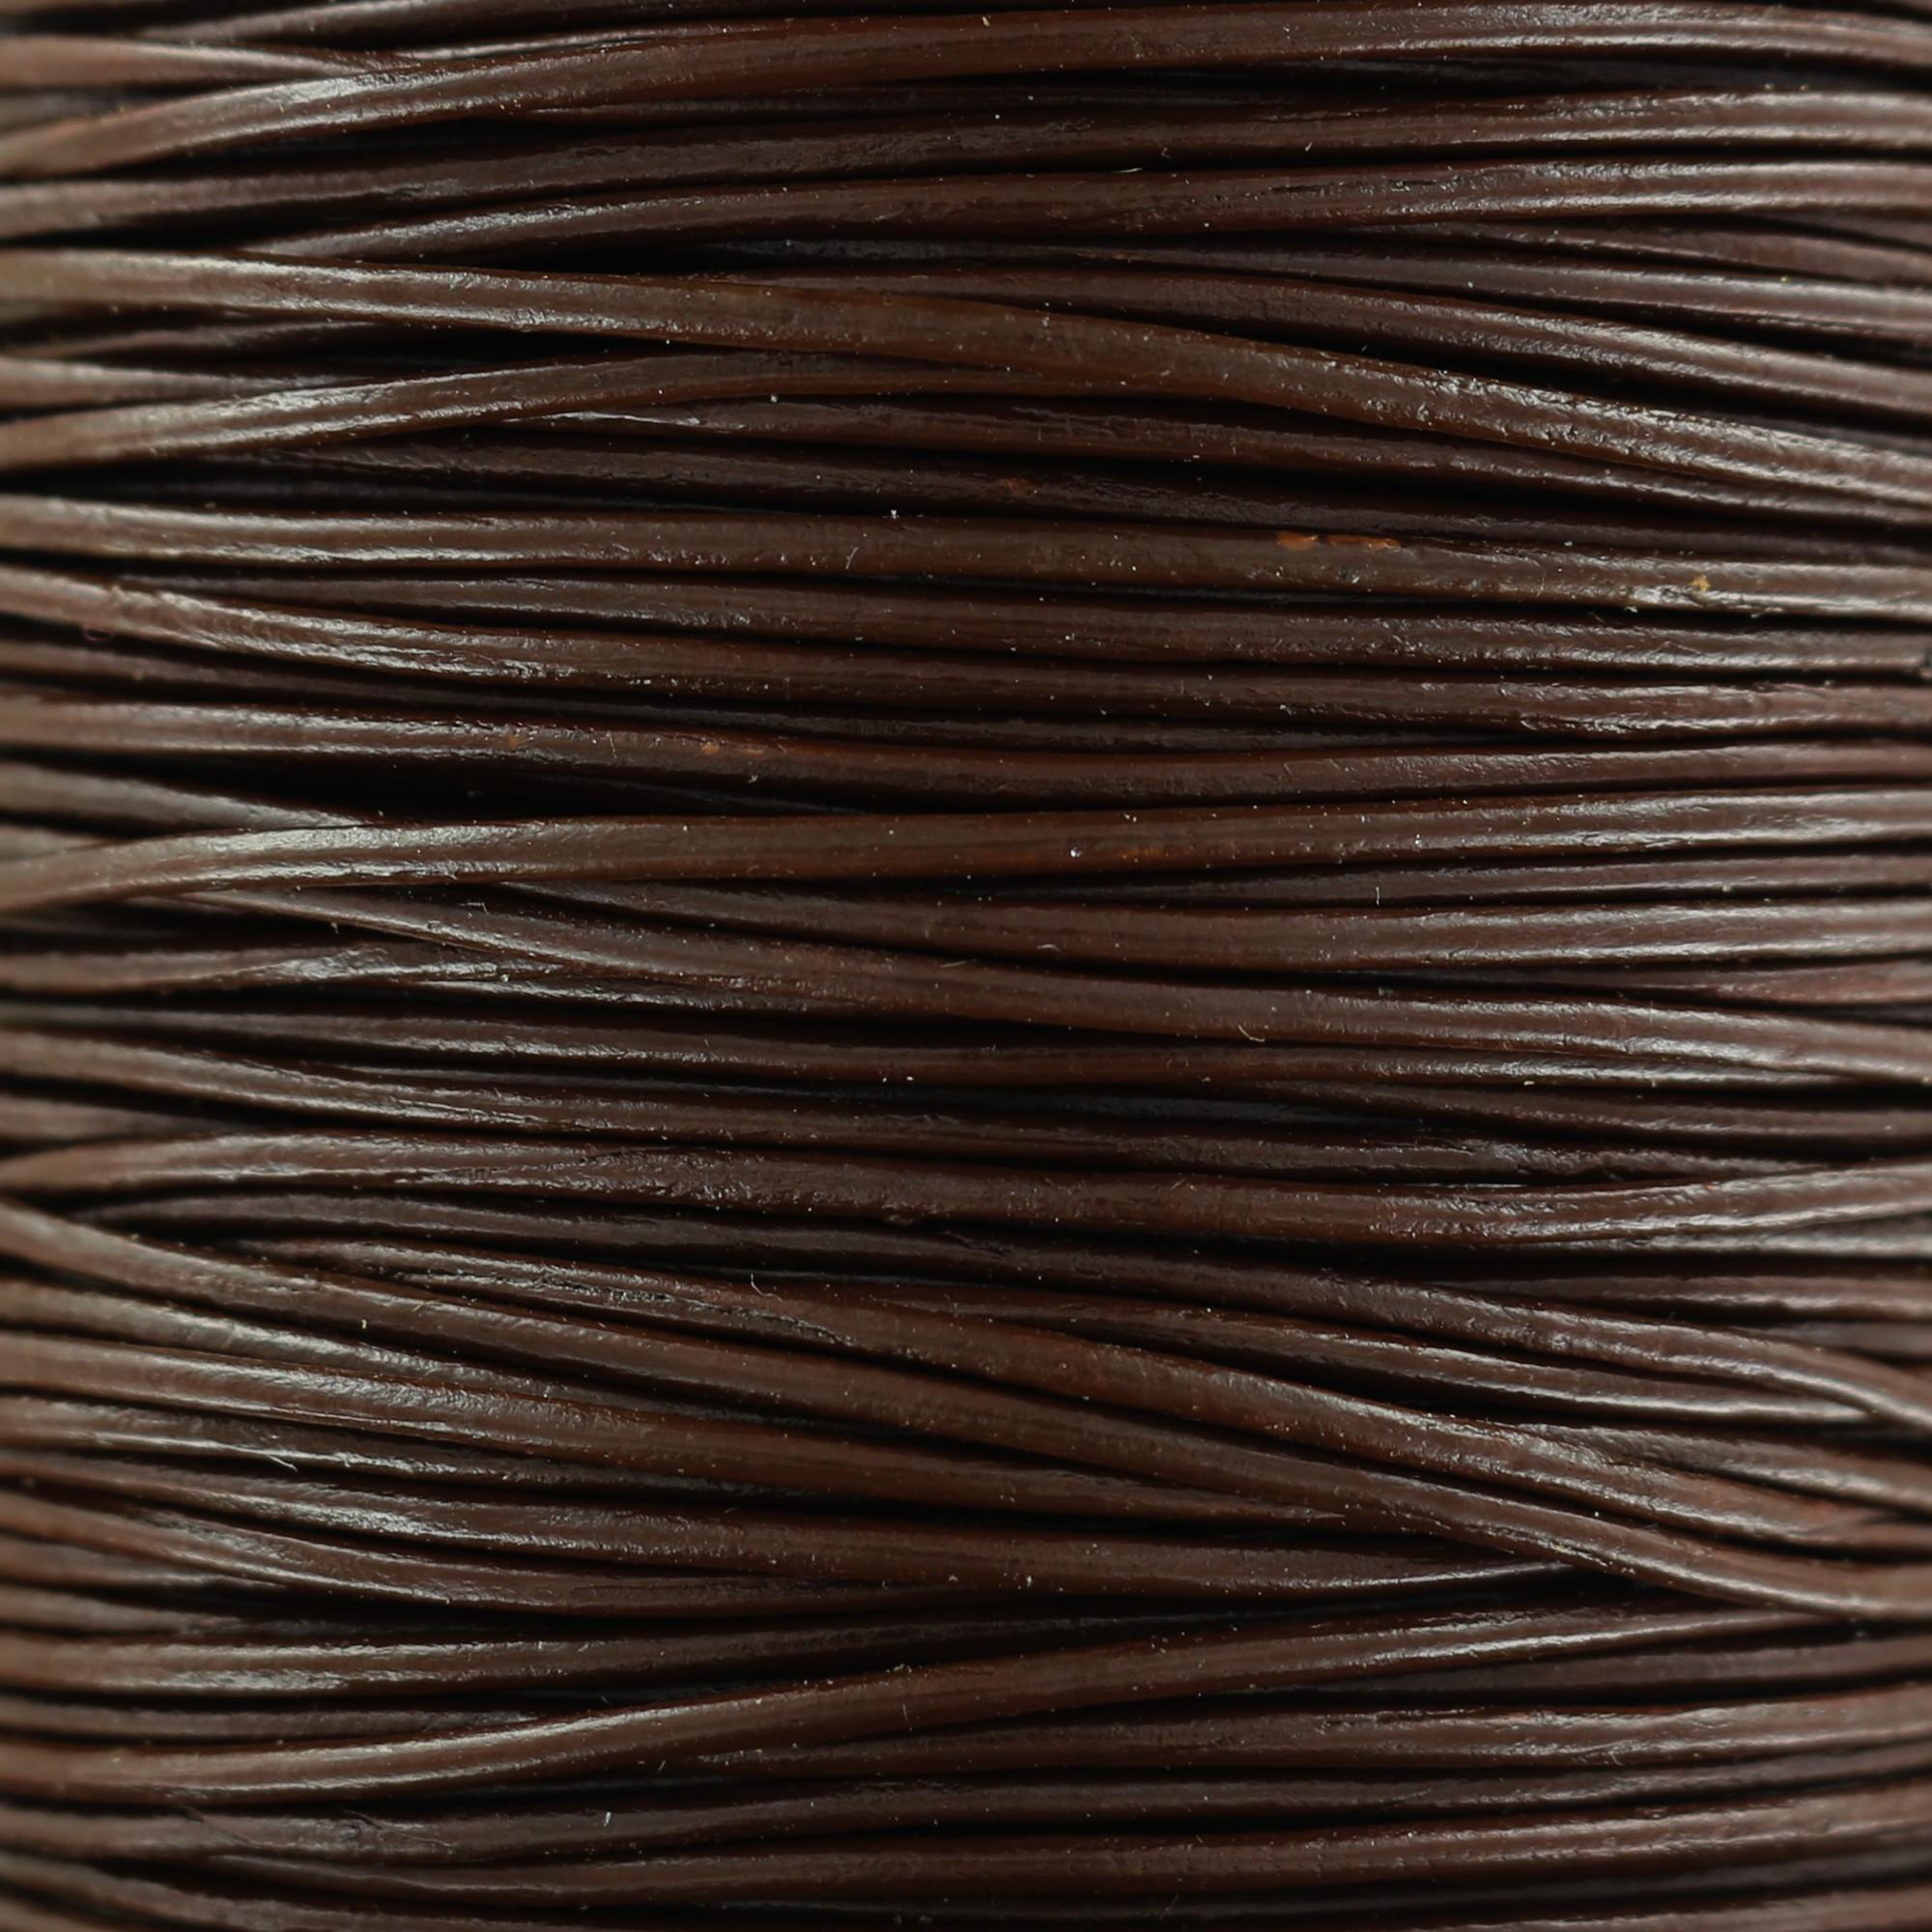 4a7975048a63 Lacet rond en cuir marron foncé de 2 mm - Ma Petite Mercerie